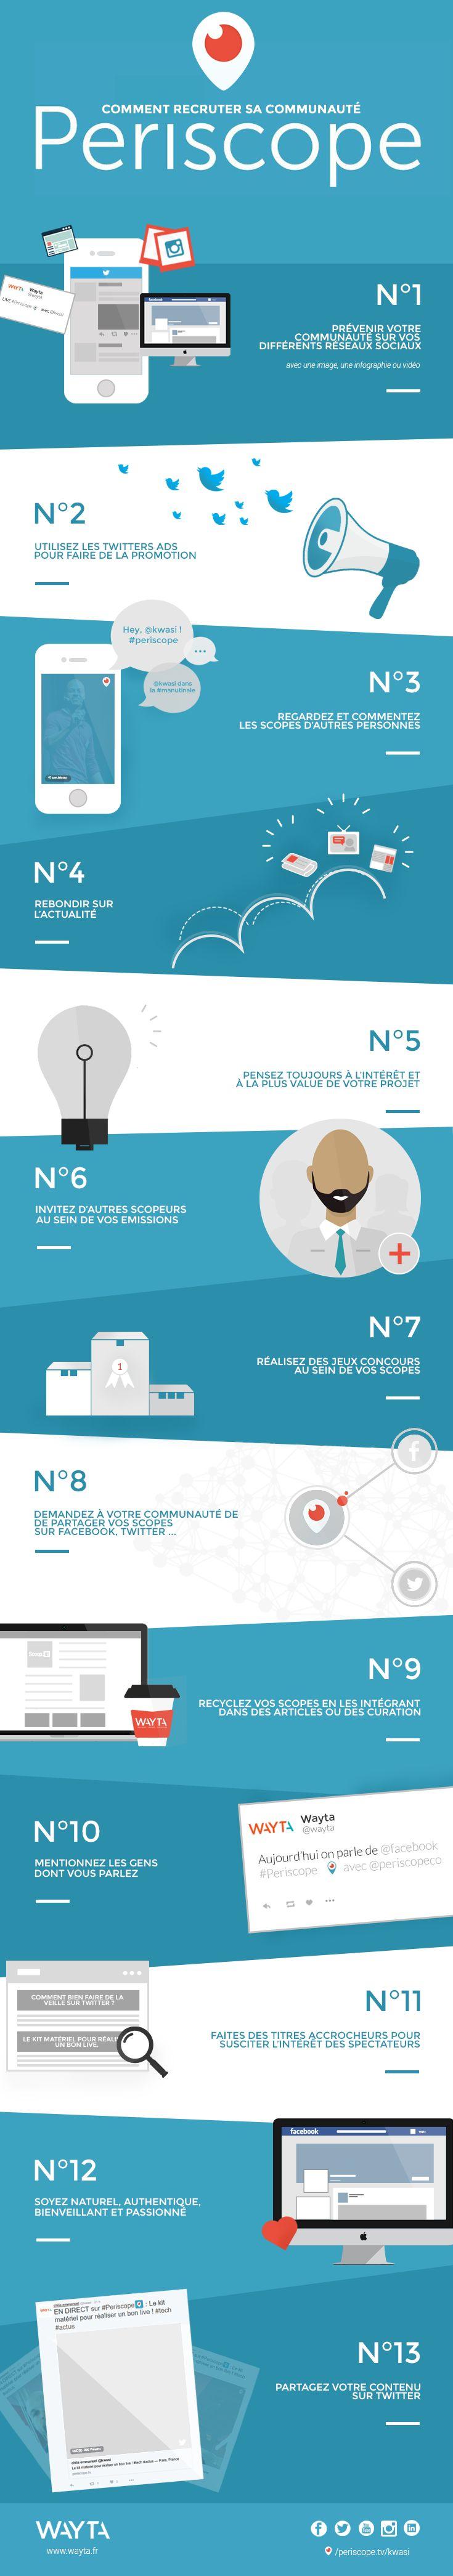 Comment construire une communauté sur Periscope ? Une infographie d'Emmanuel Chila.